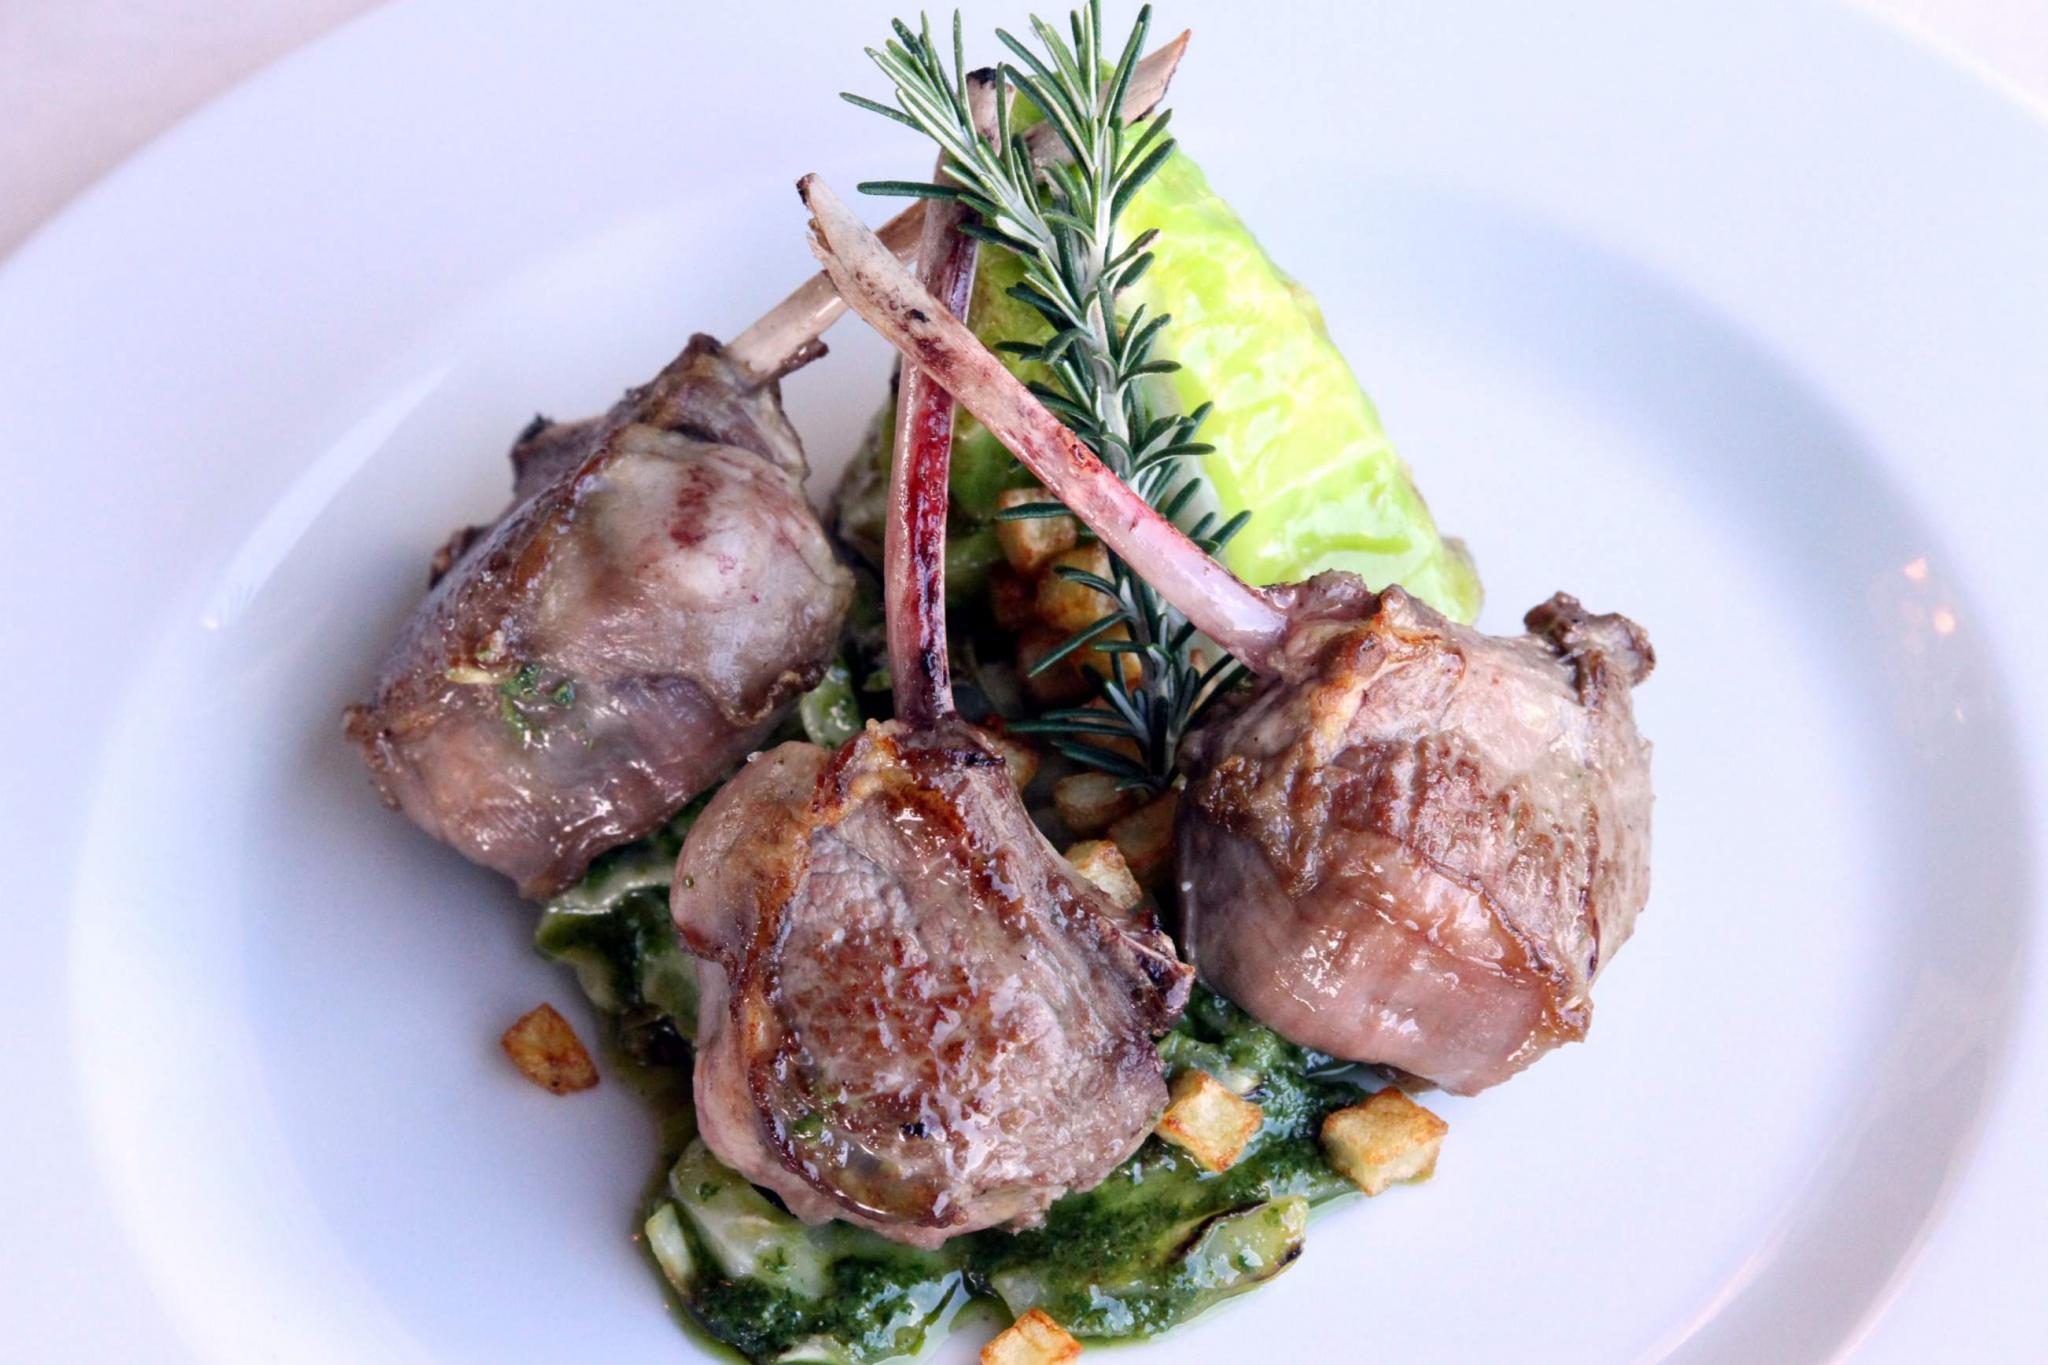 Lamb dish.